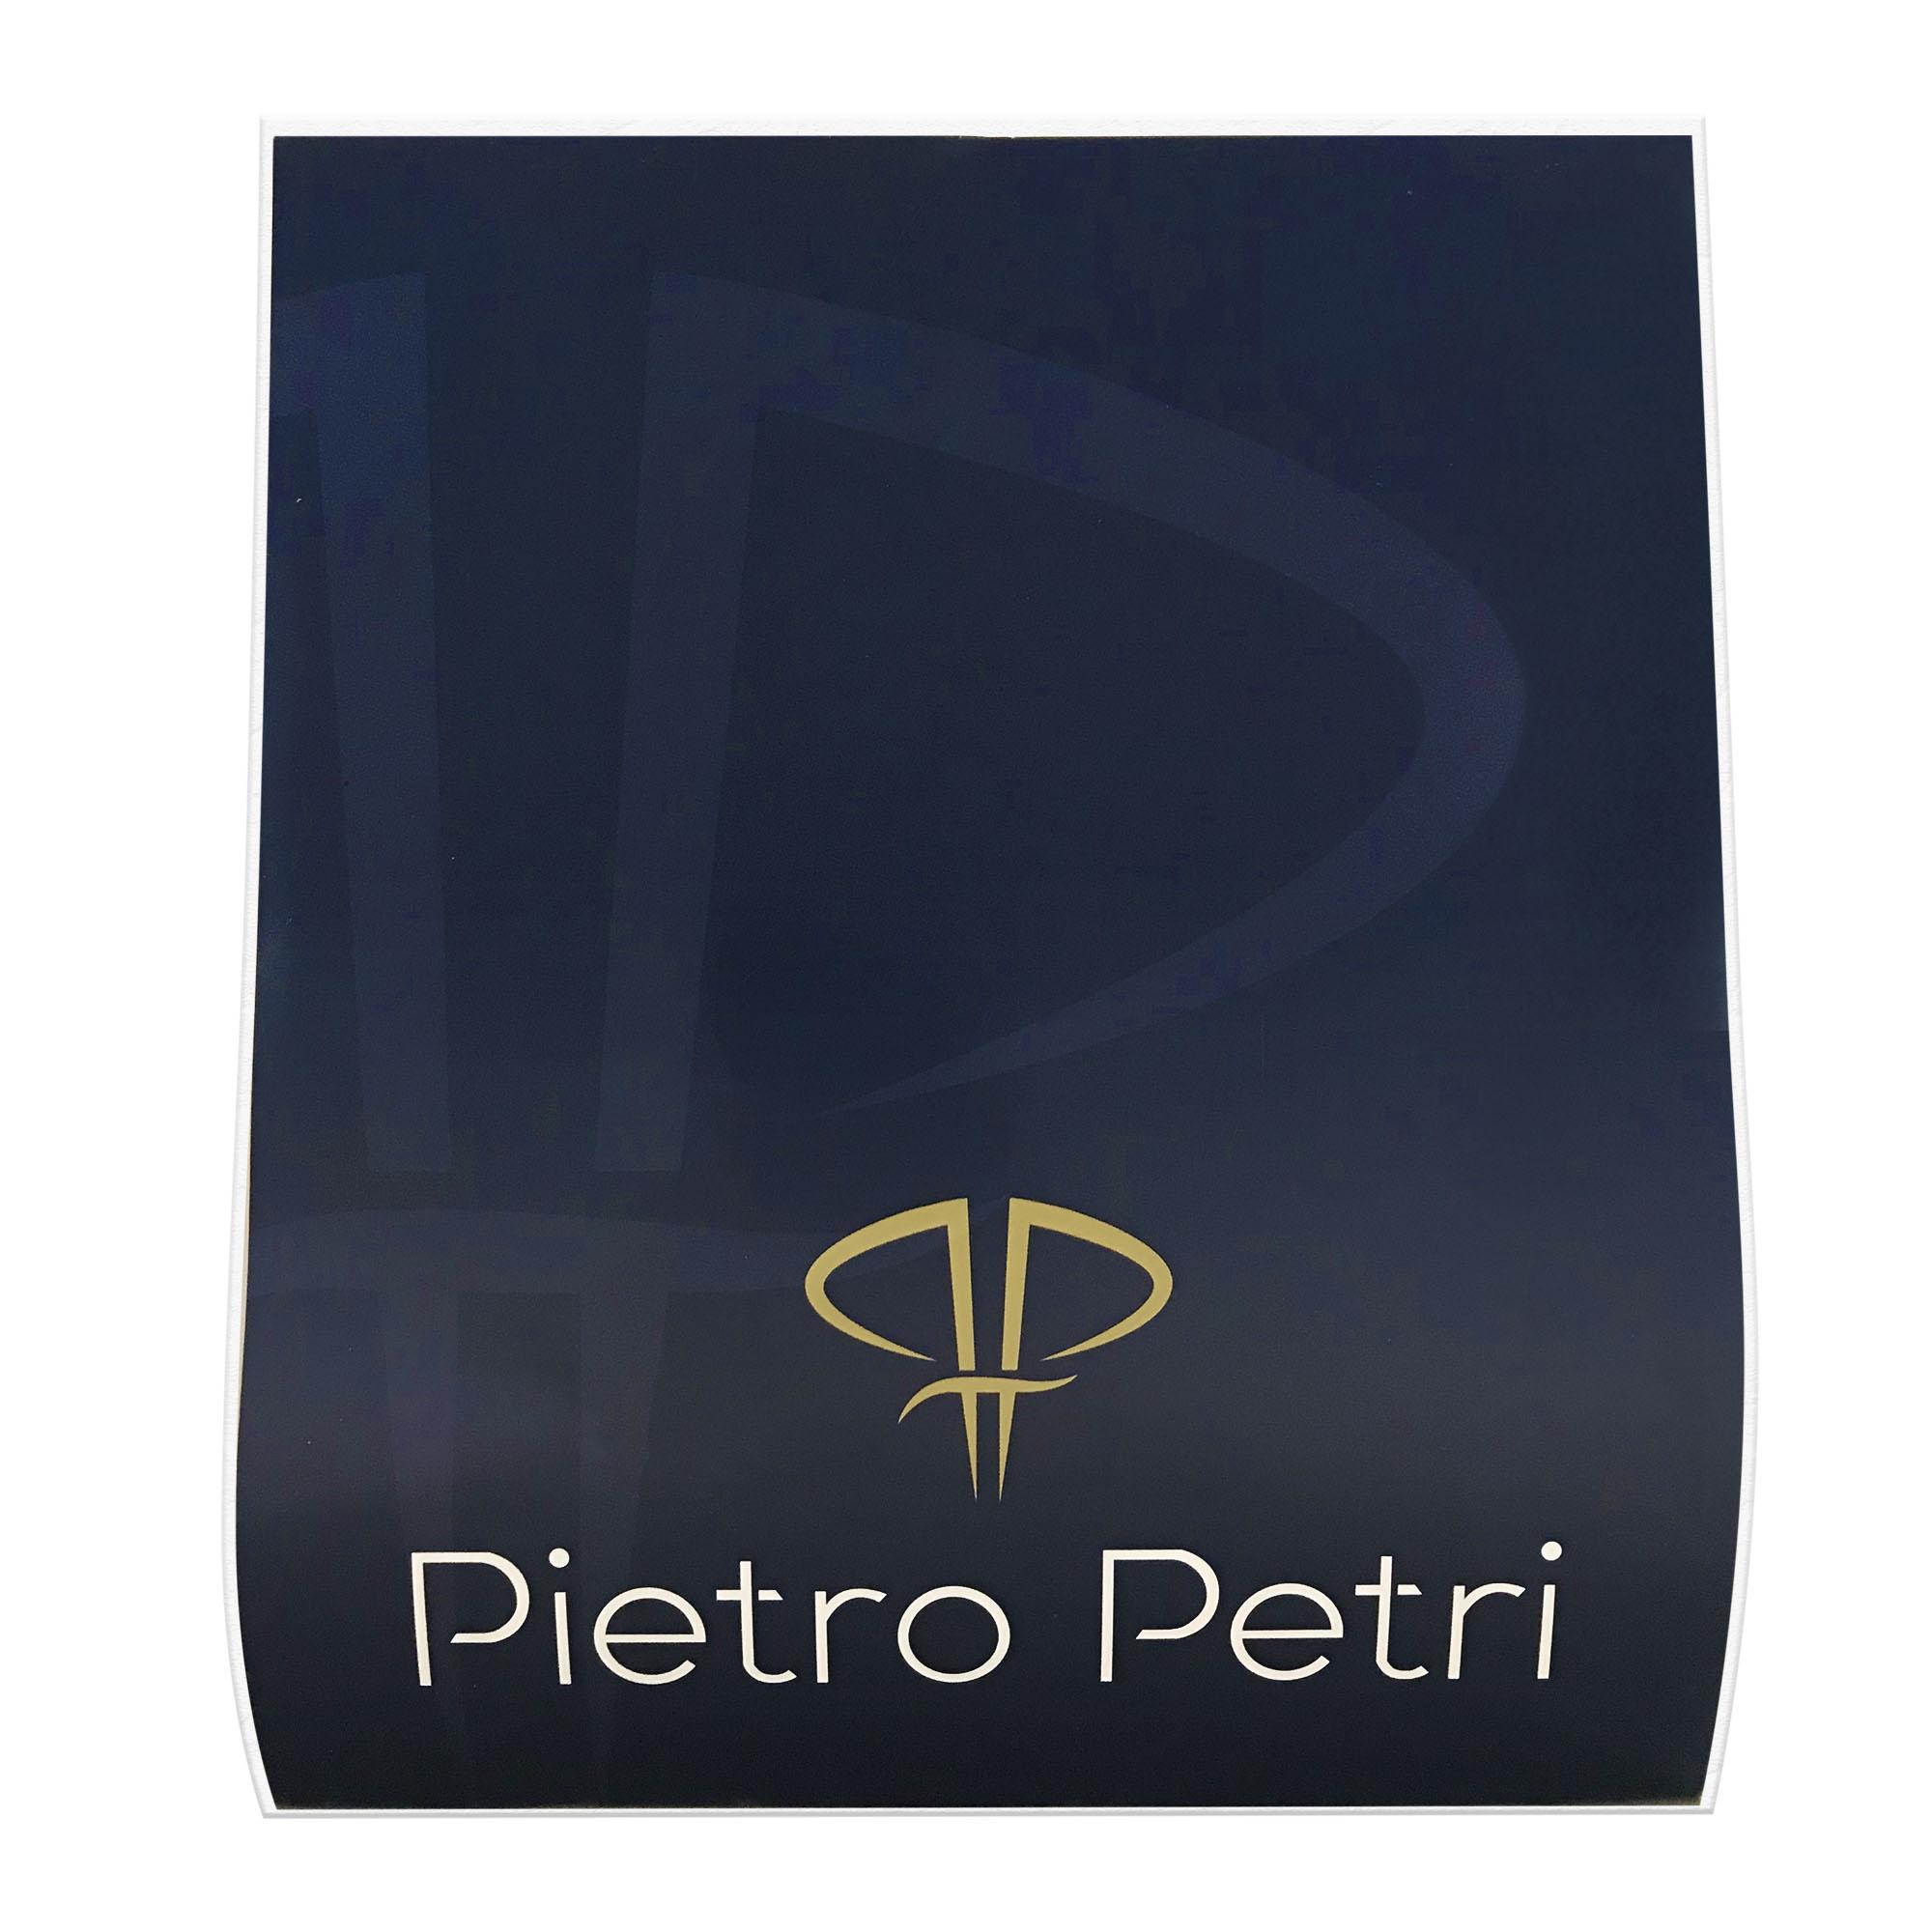 Modelador 3039 com mangas cirúrgico compressivo Dr Pietro tecido confort indicada para cirurgia plástica braço abdômen  - Cinta se Nova